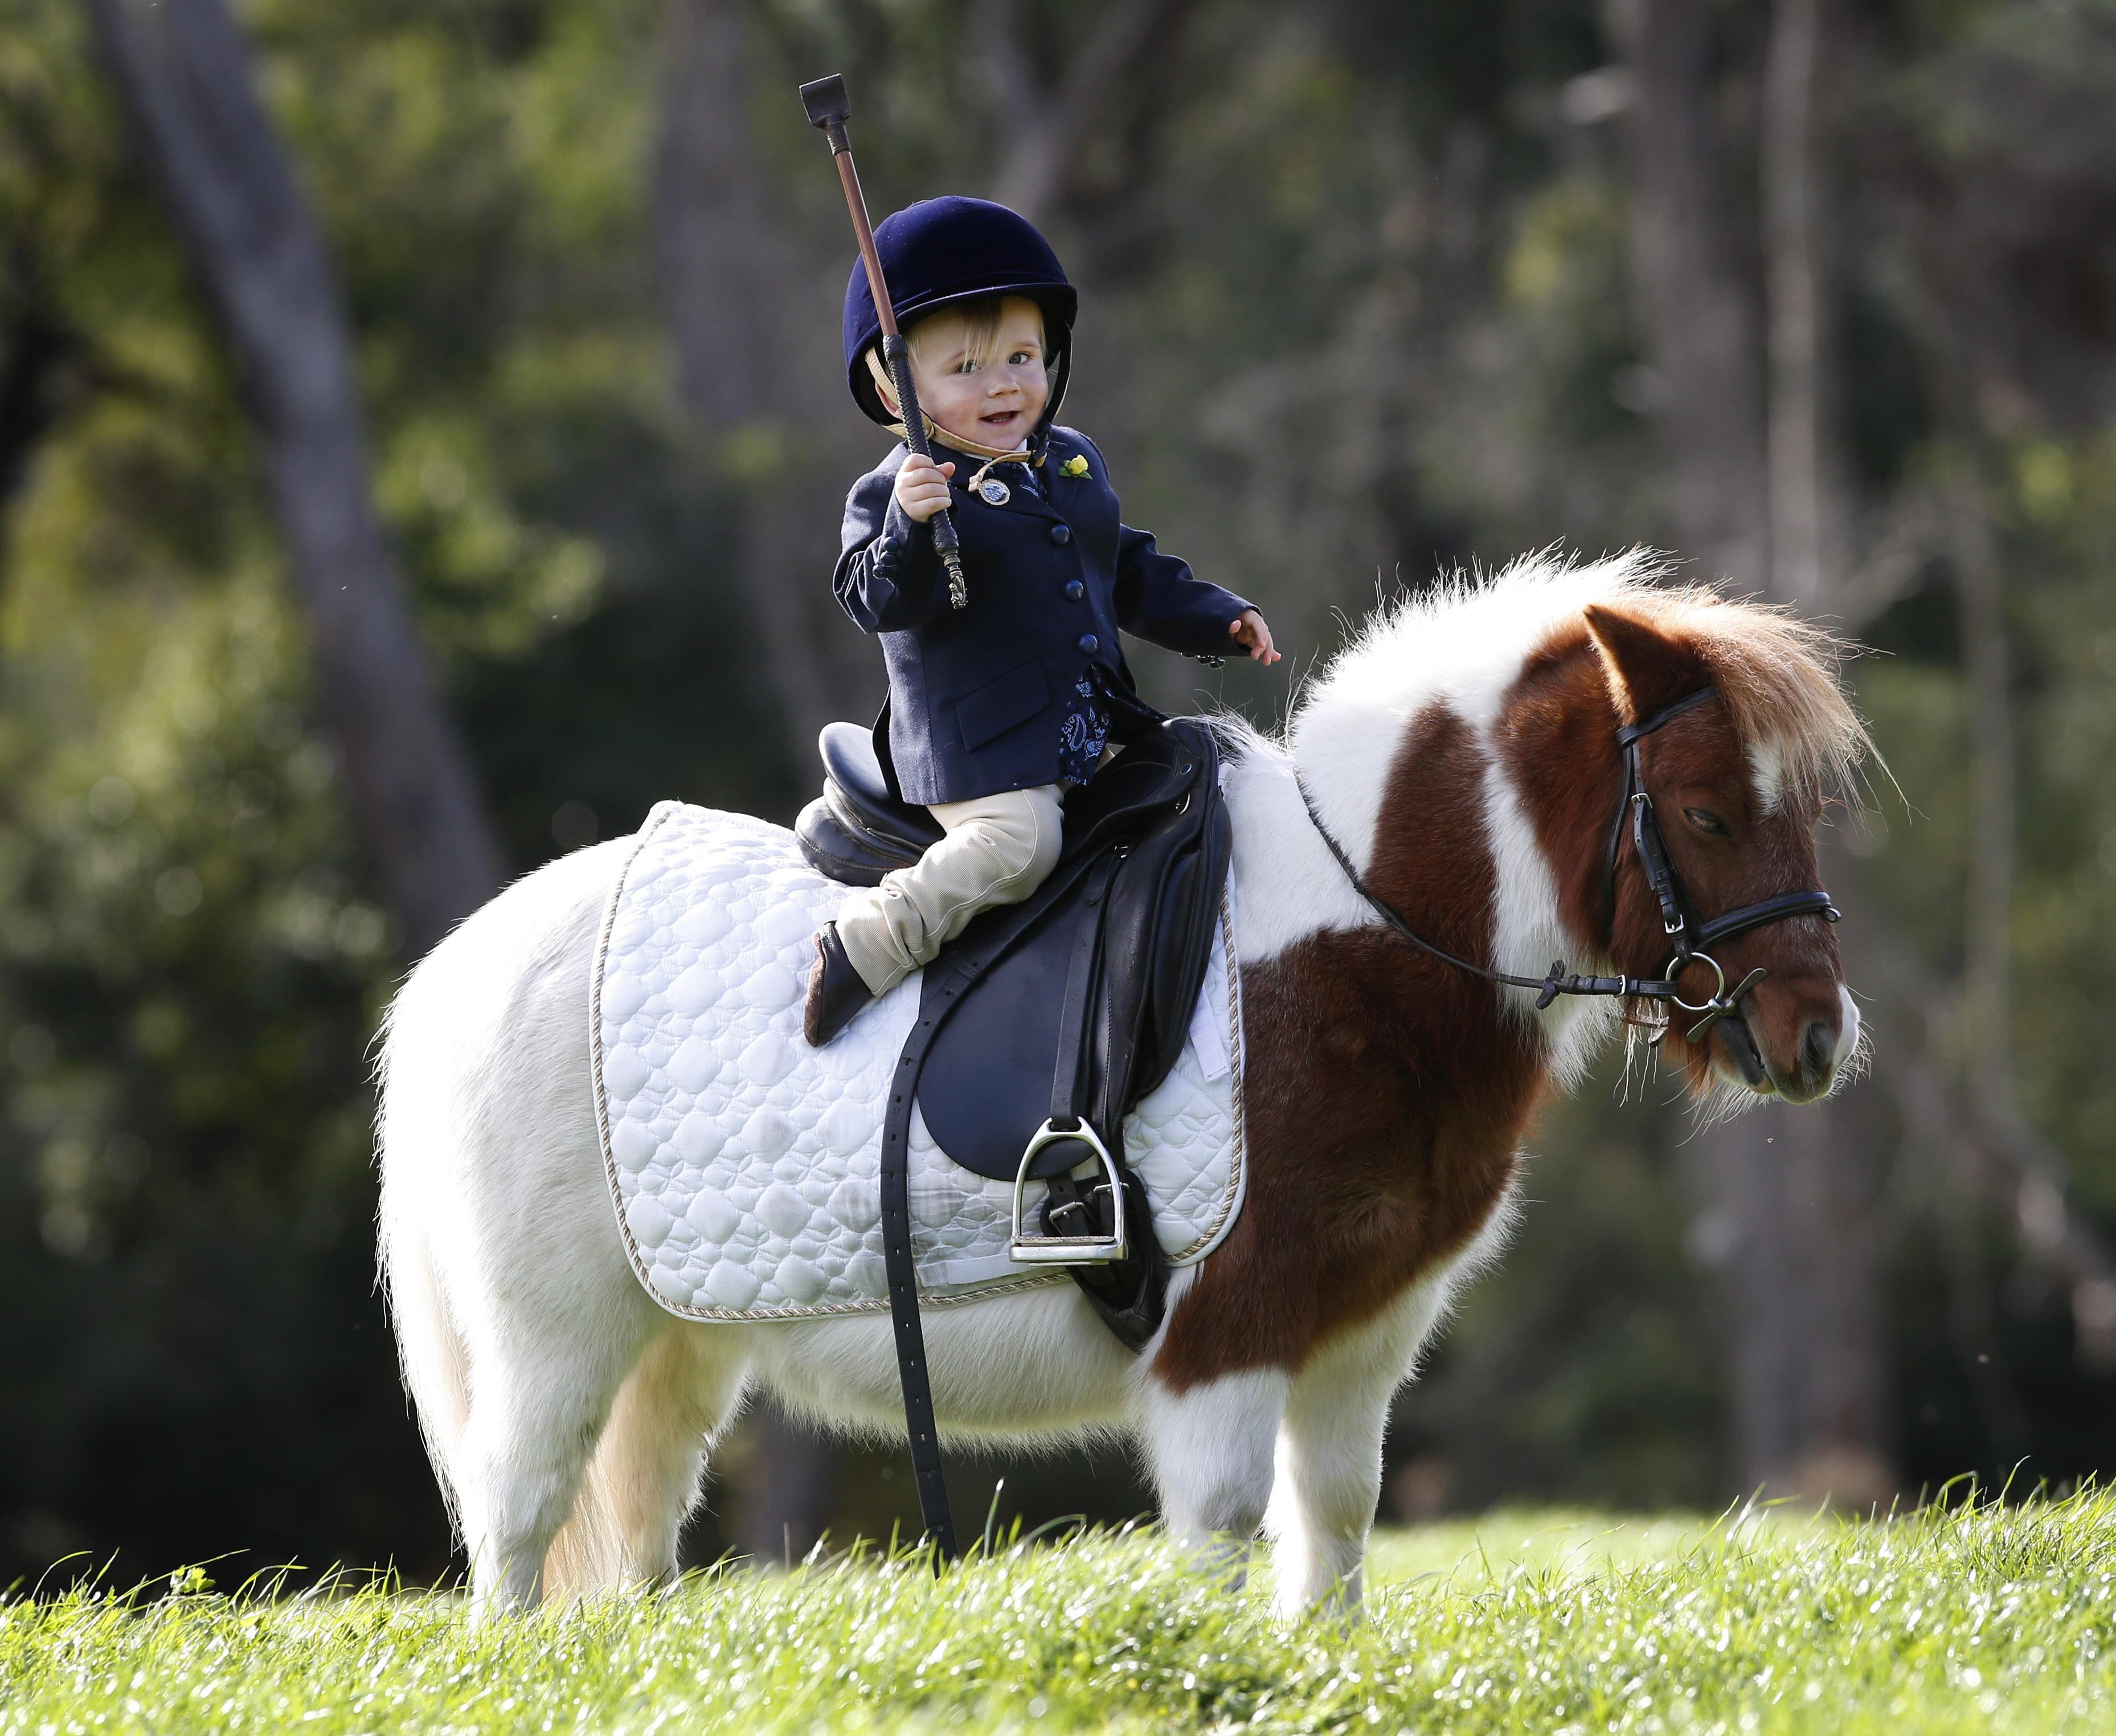 حصان صغير للفارس الصغير مجلة سيدتي